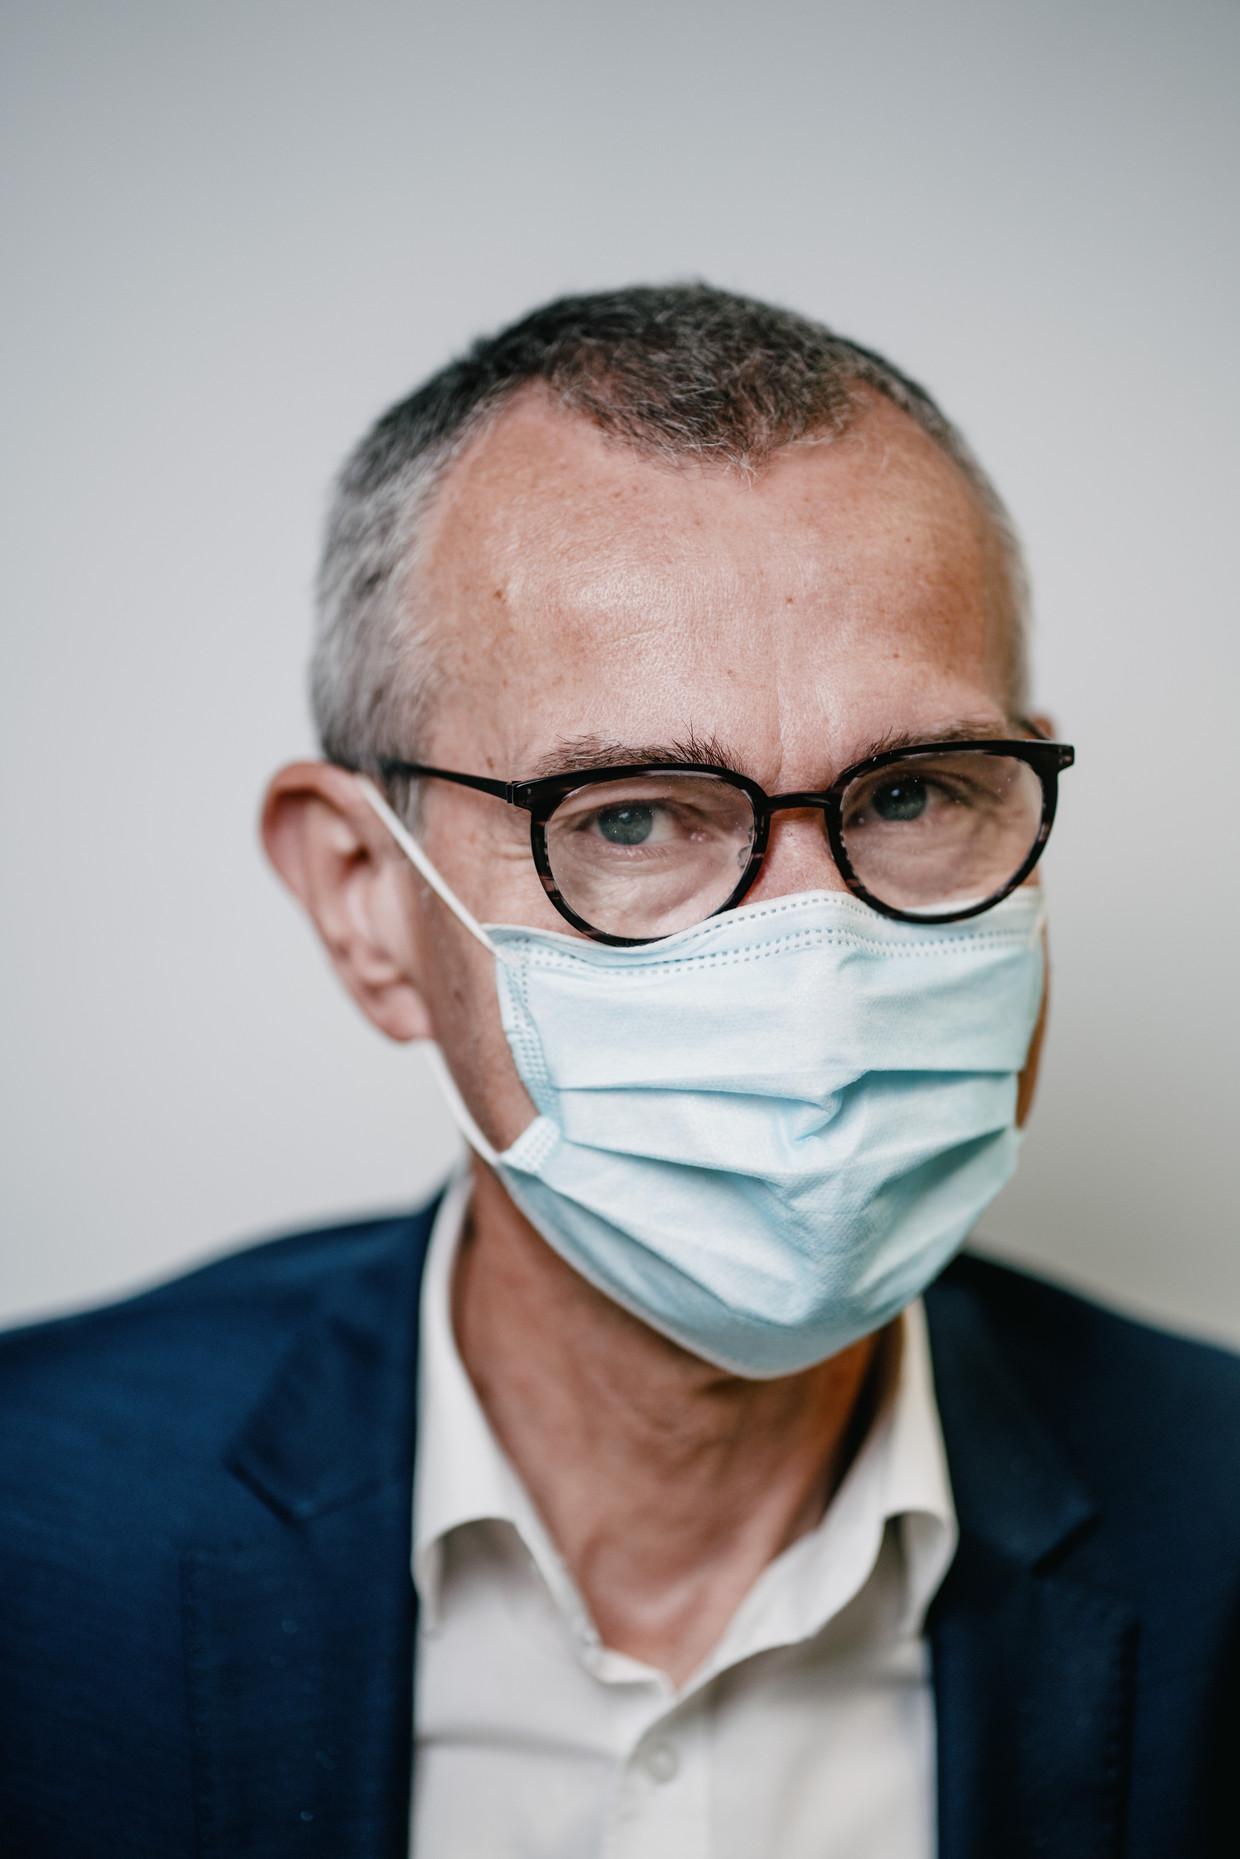 'Ik ben helaas geen minister van Onderwijs.' Beeld Wouter Van Vooren